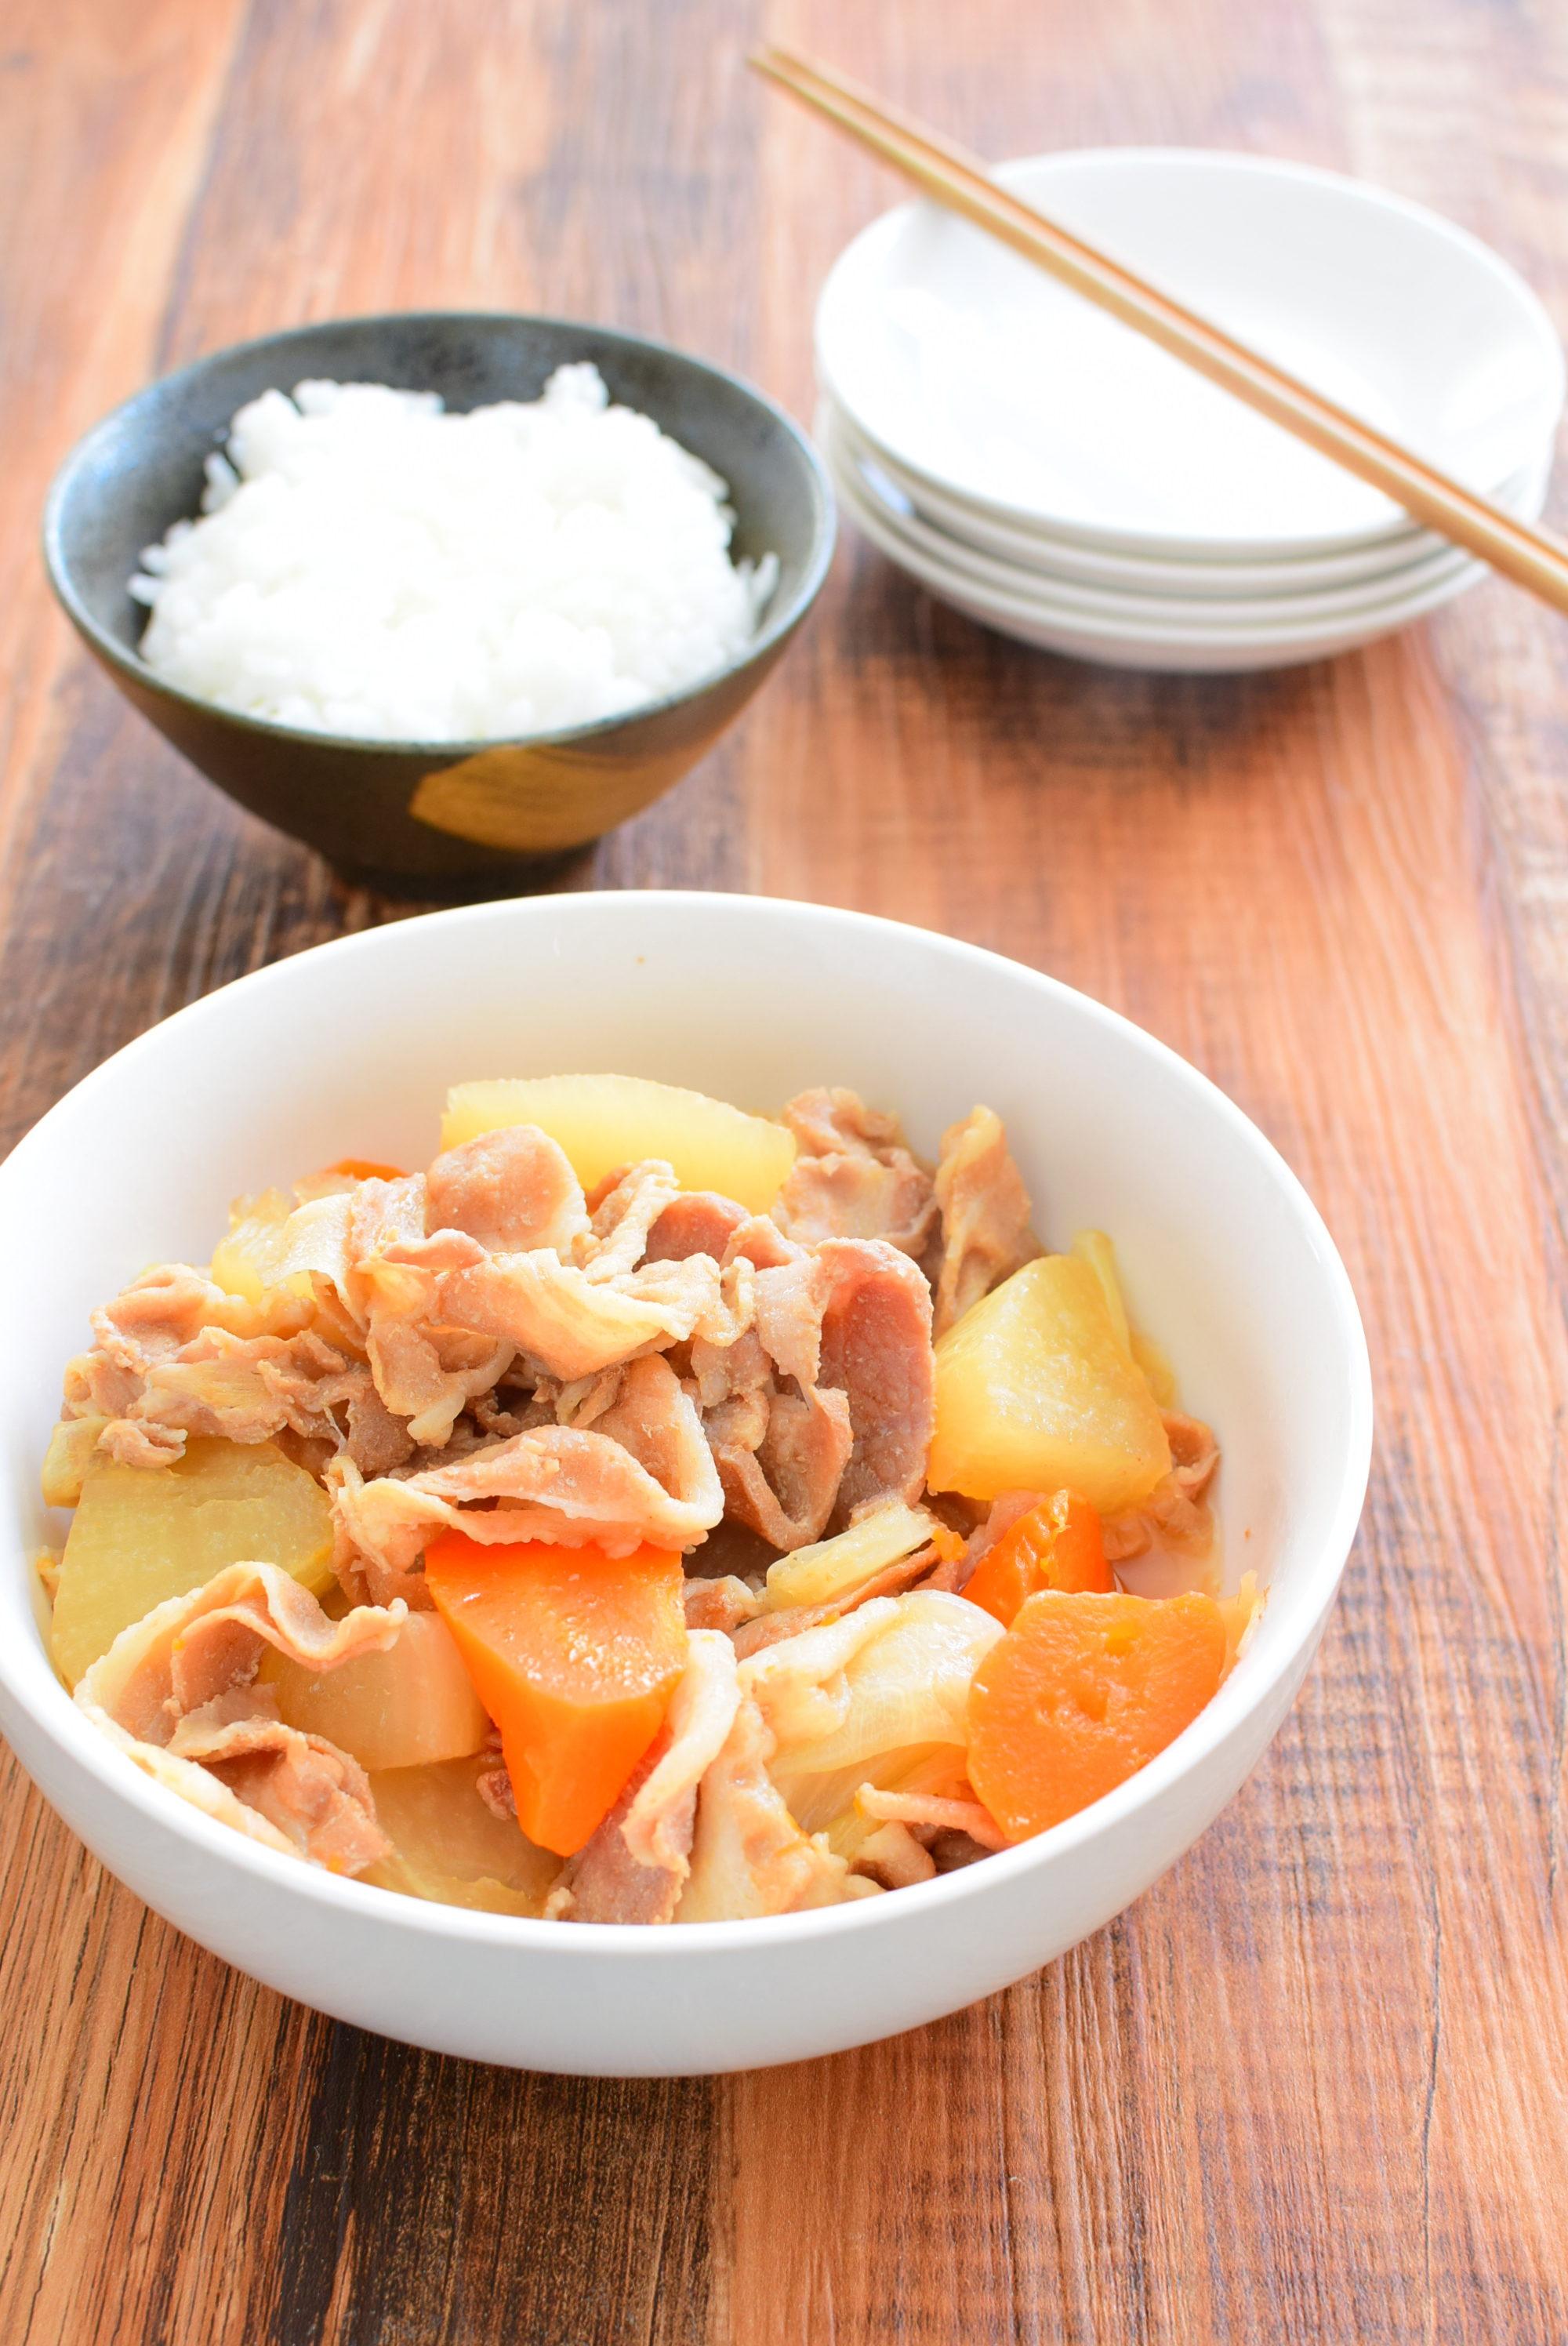 圧力鍋で柔らか!豚バラ大根のしょうゆ煮のレシピの写真